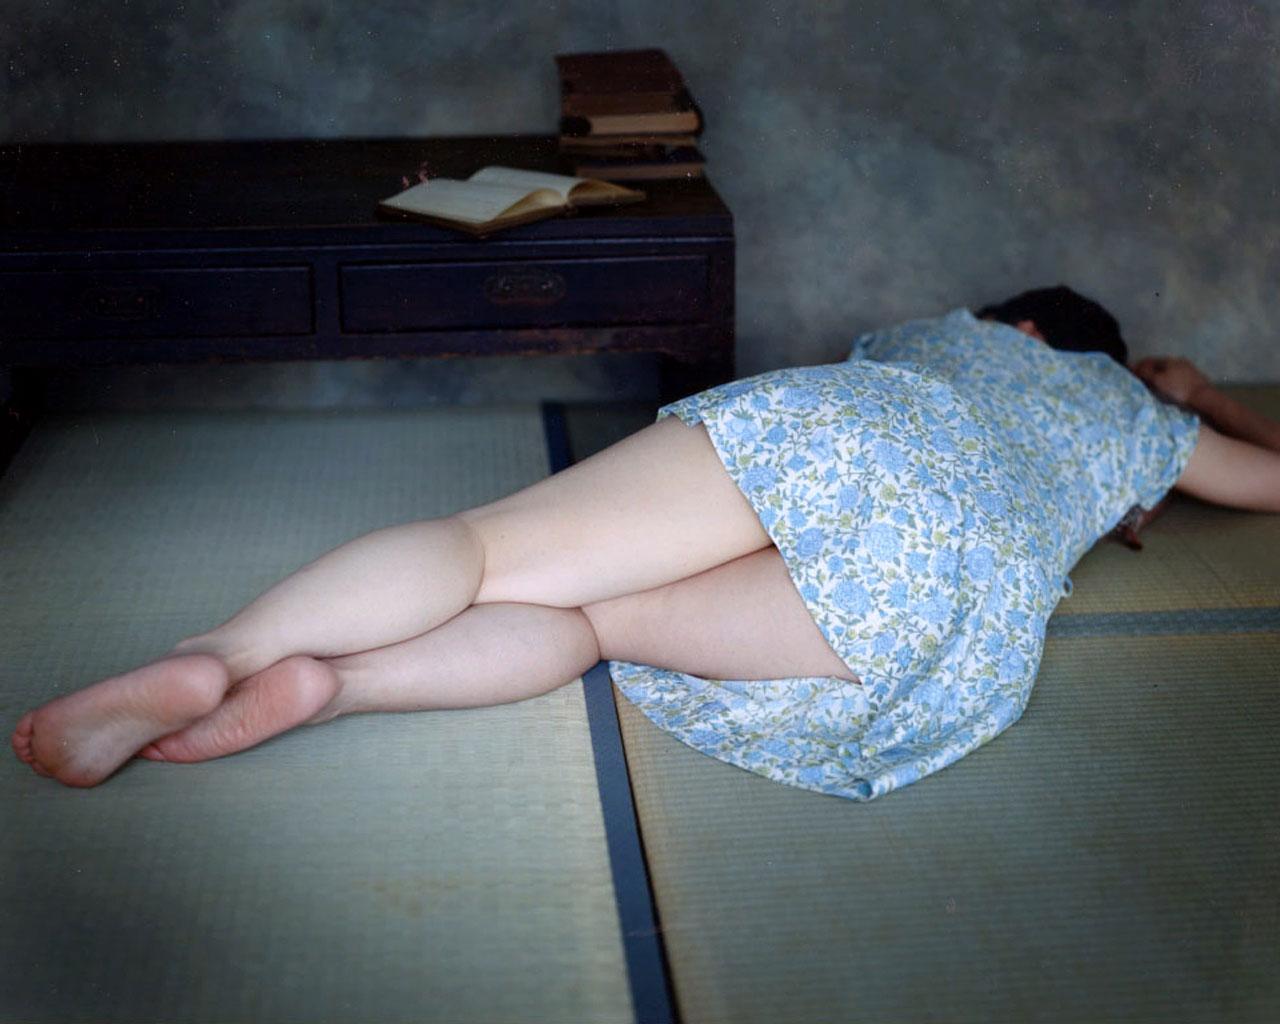 【足裏エロ画像】女性の足裏に興奮するという紳士な人のためのエロ画像まとめ! 37